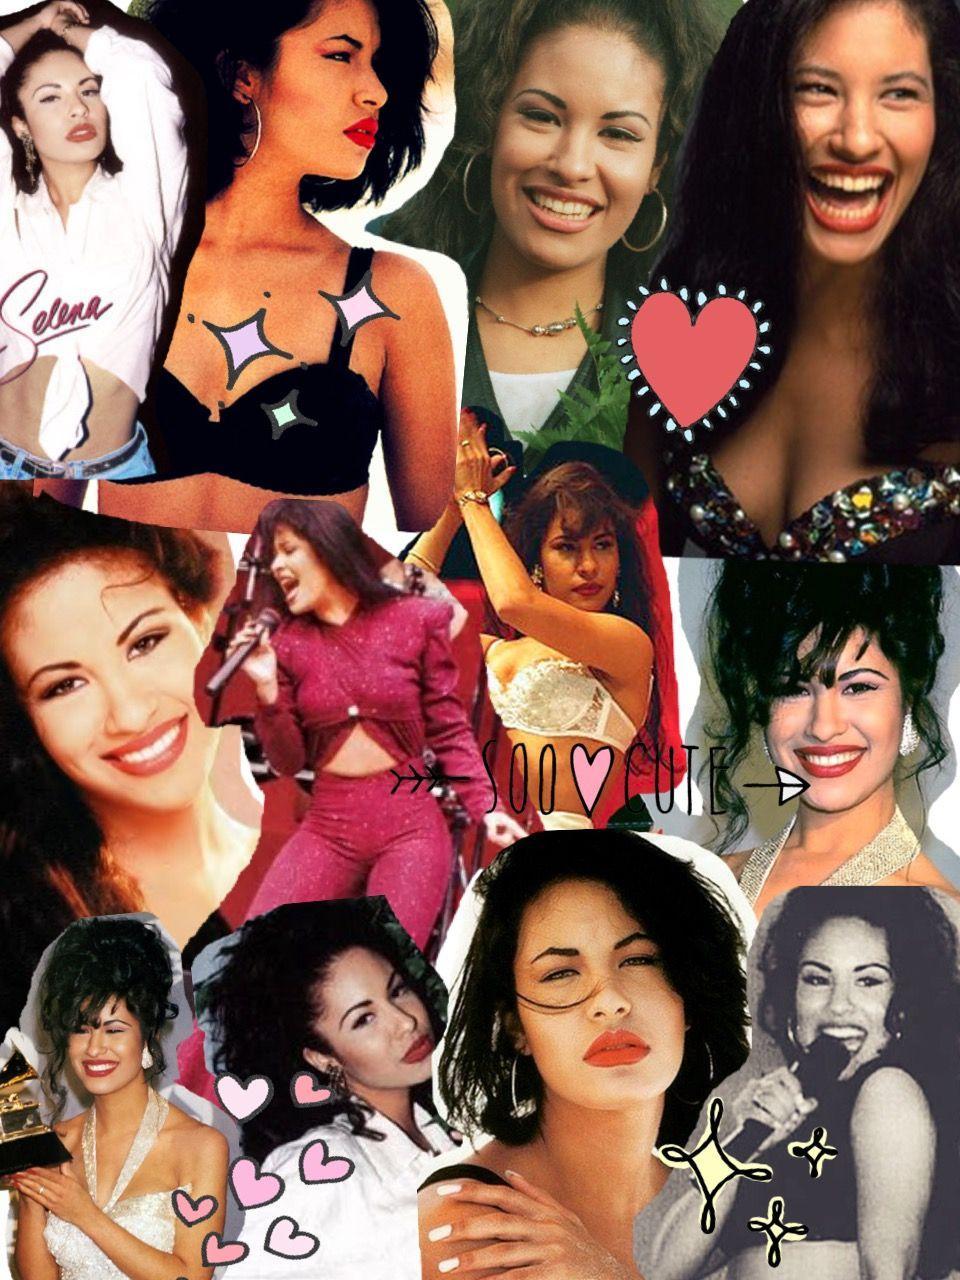 Selena Quintanilla Wallpapers - Top